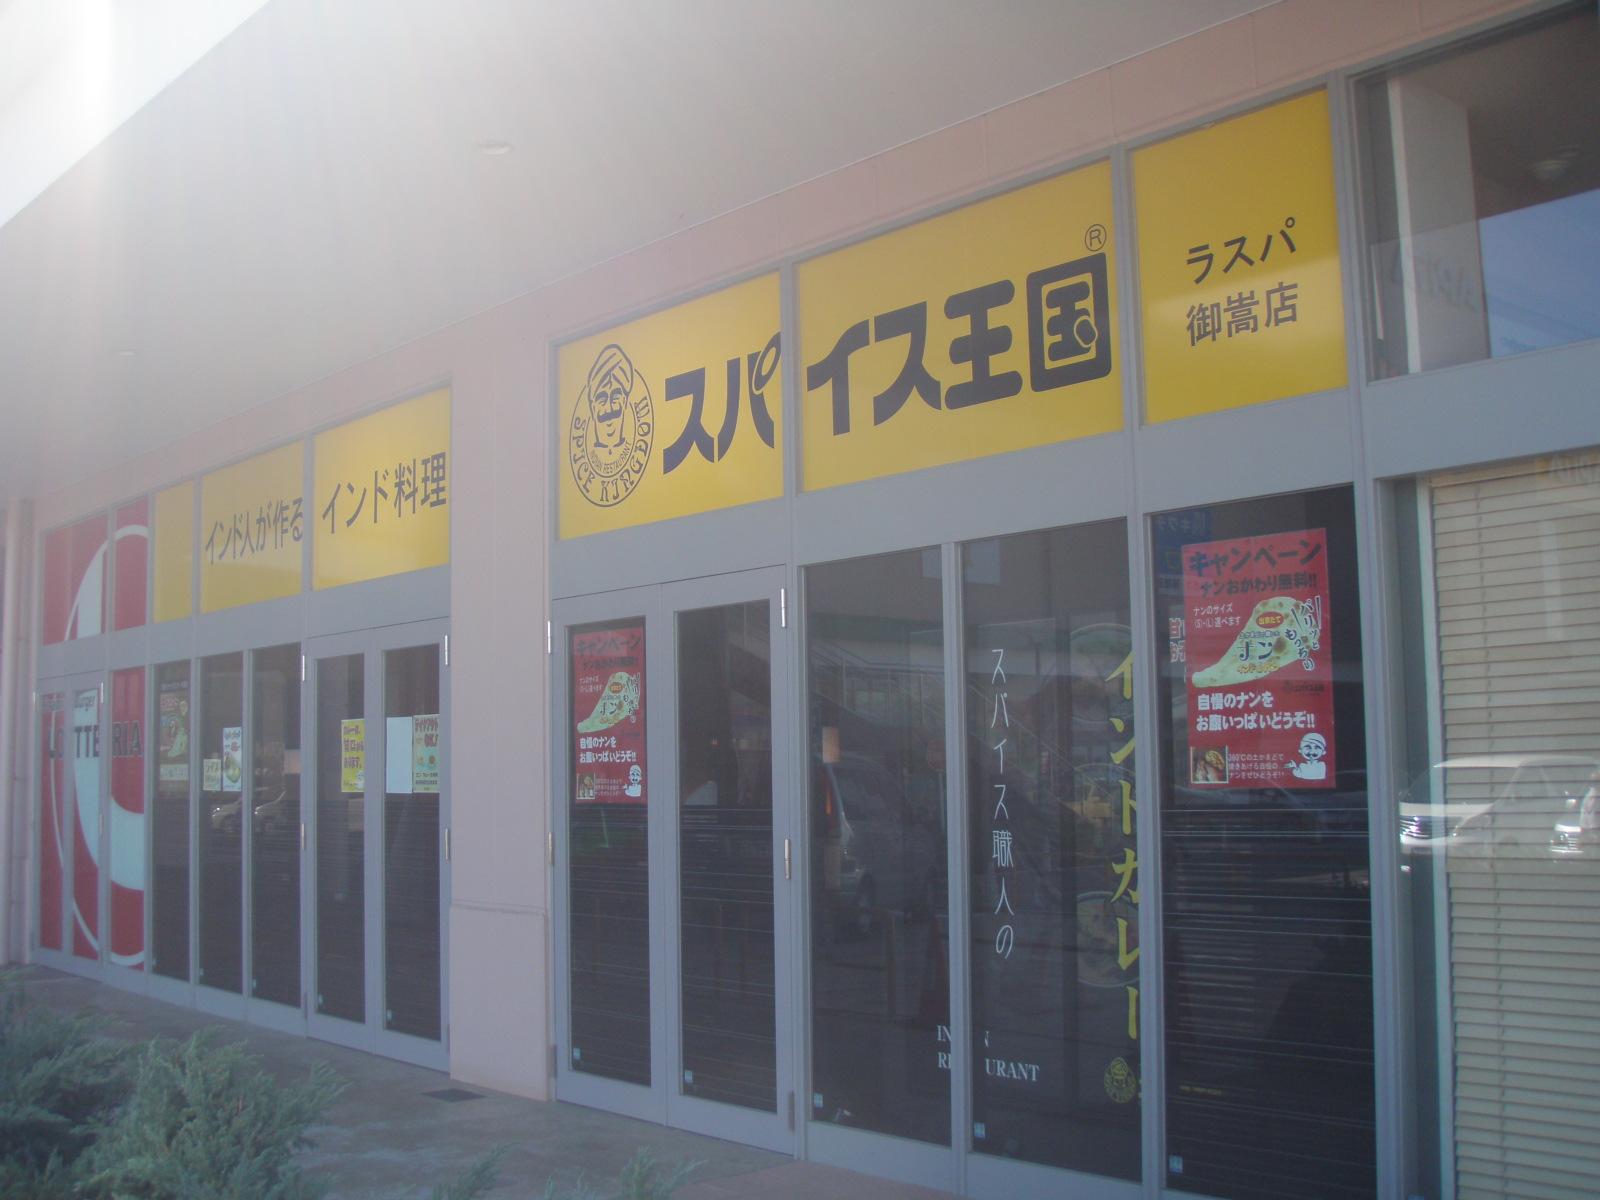 インド料理レストラン カラス ラスパ御嵩店